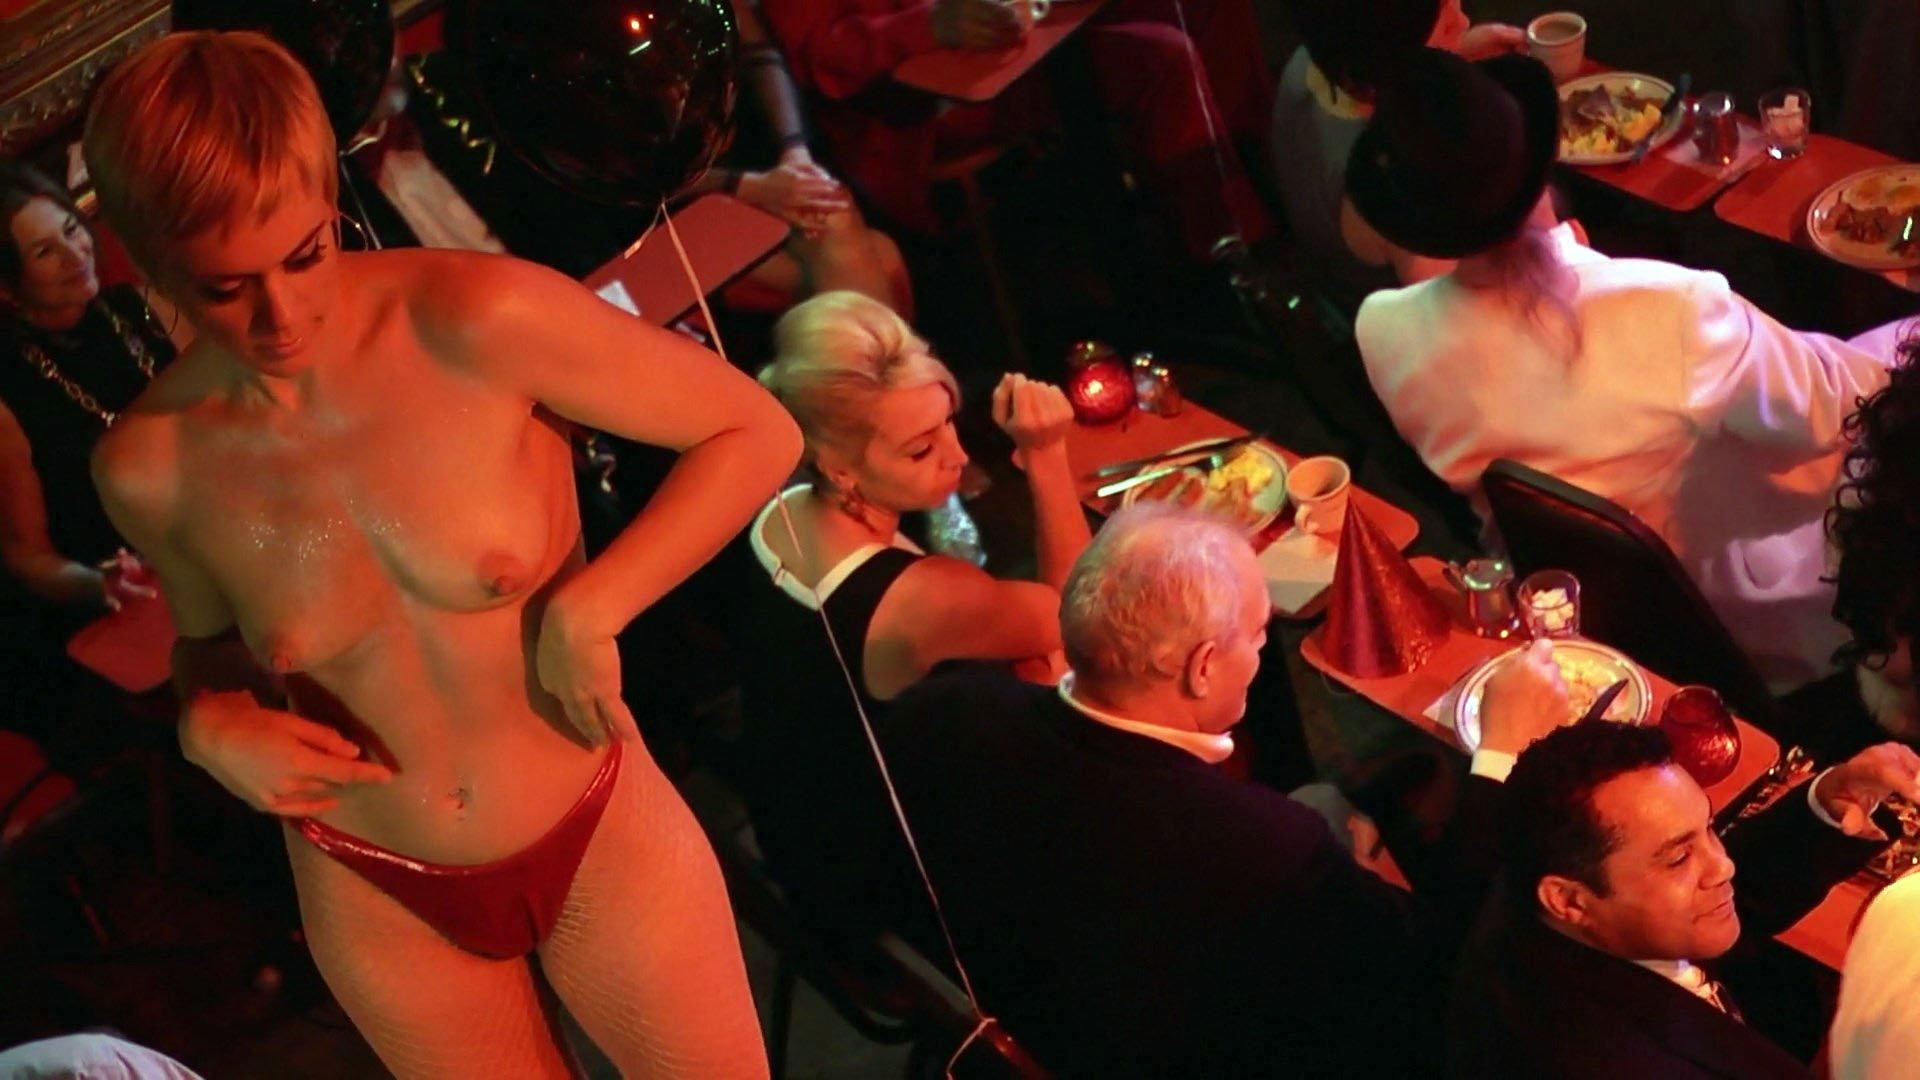 Keira knightley nude movies